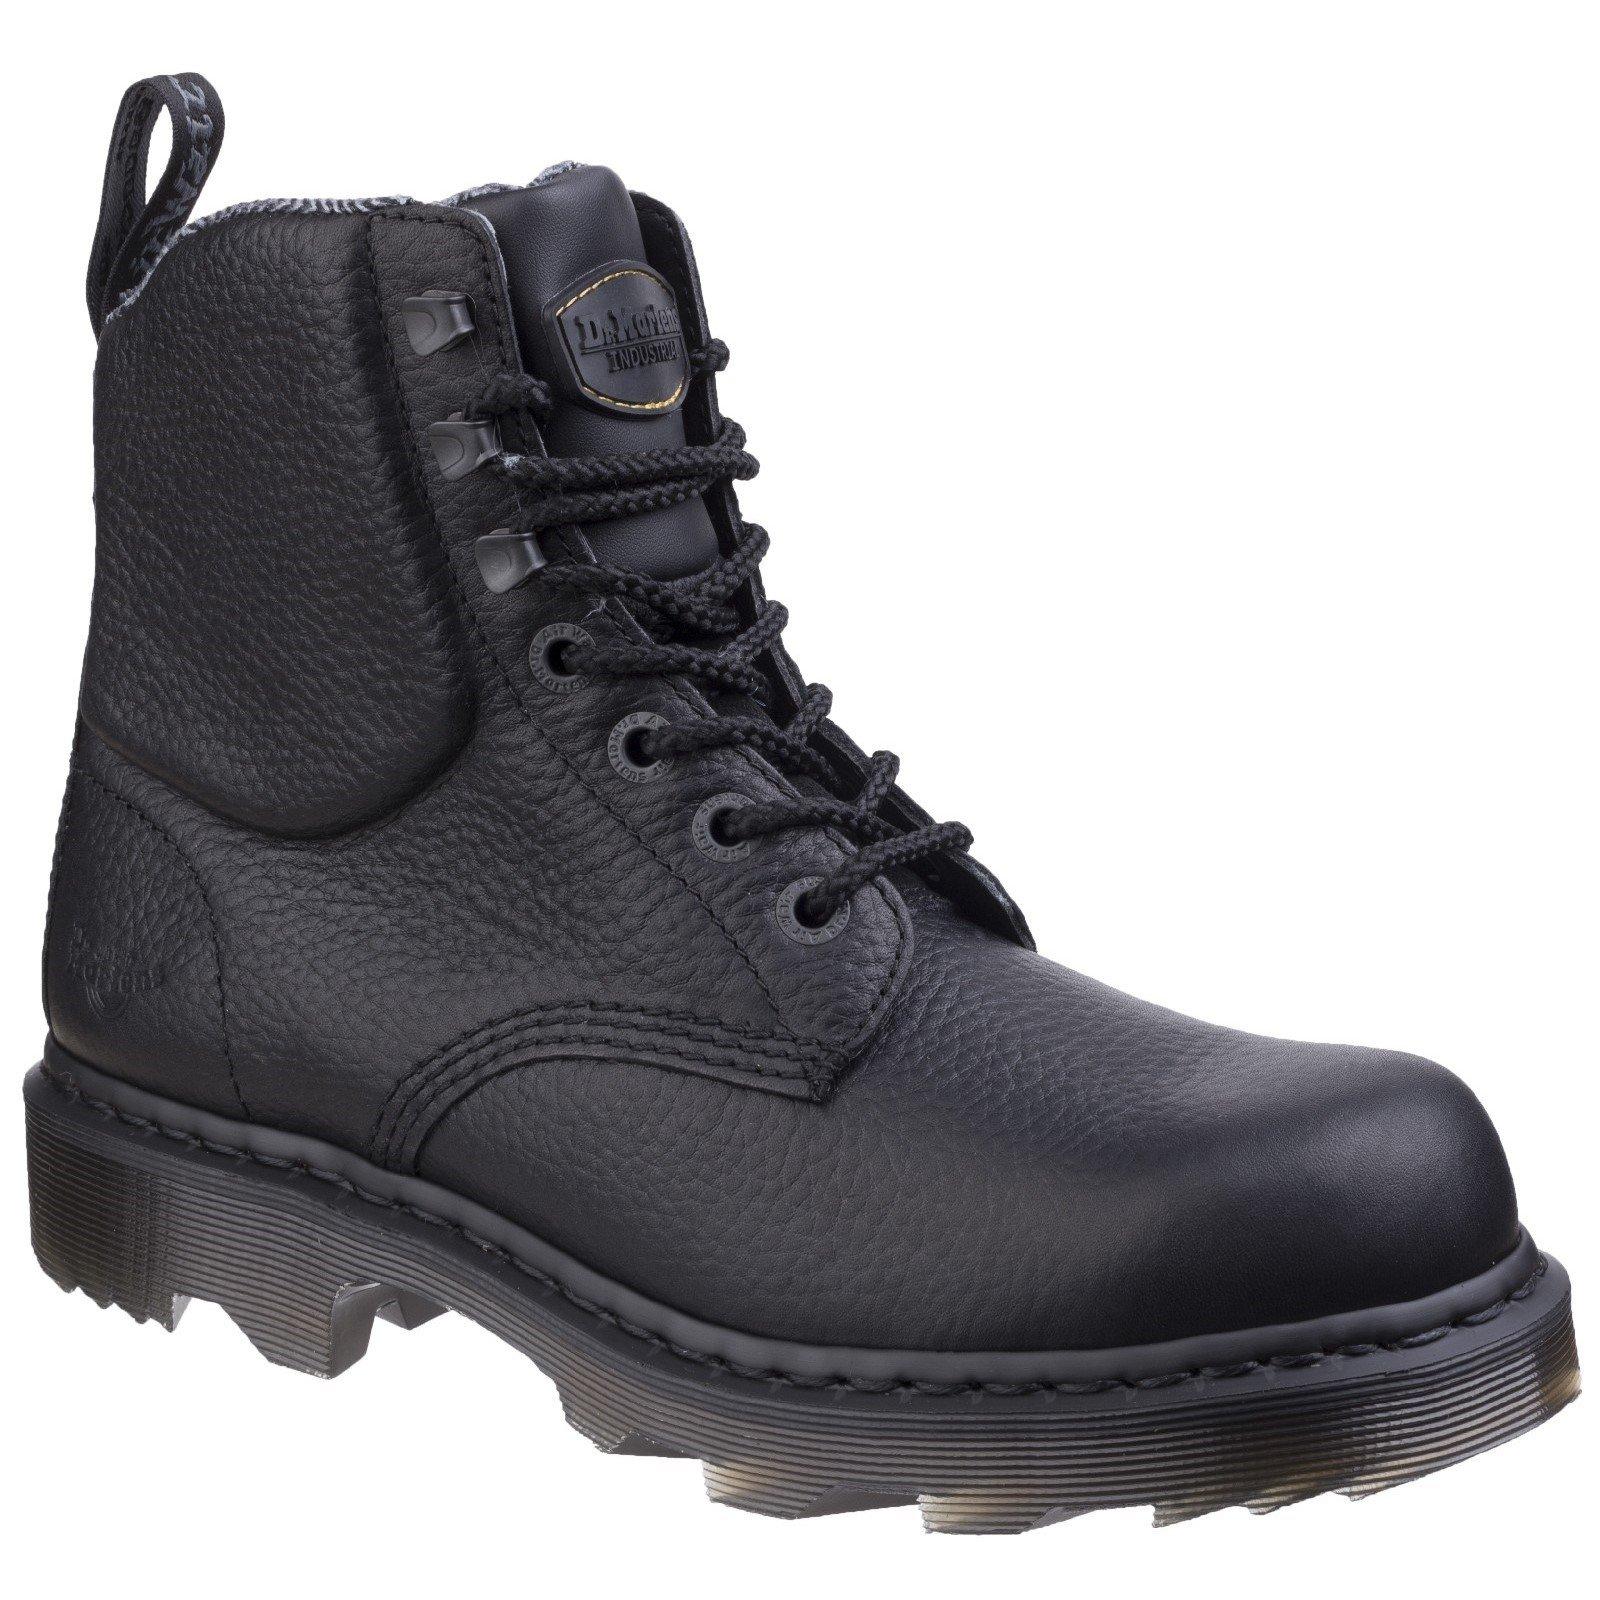 Dr Martens Unisex Calshott Service Boot Black 26024-43394 - Black 11